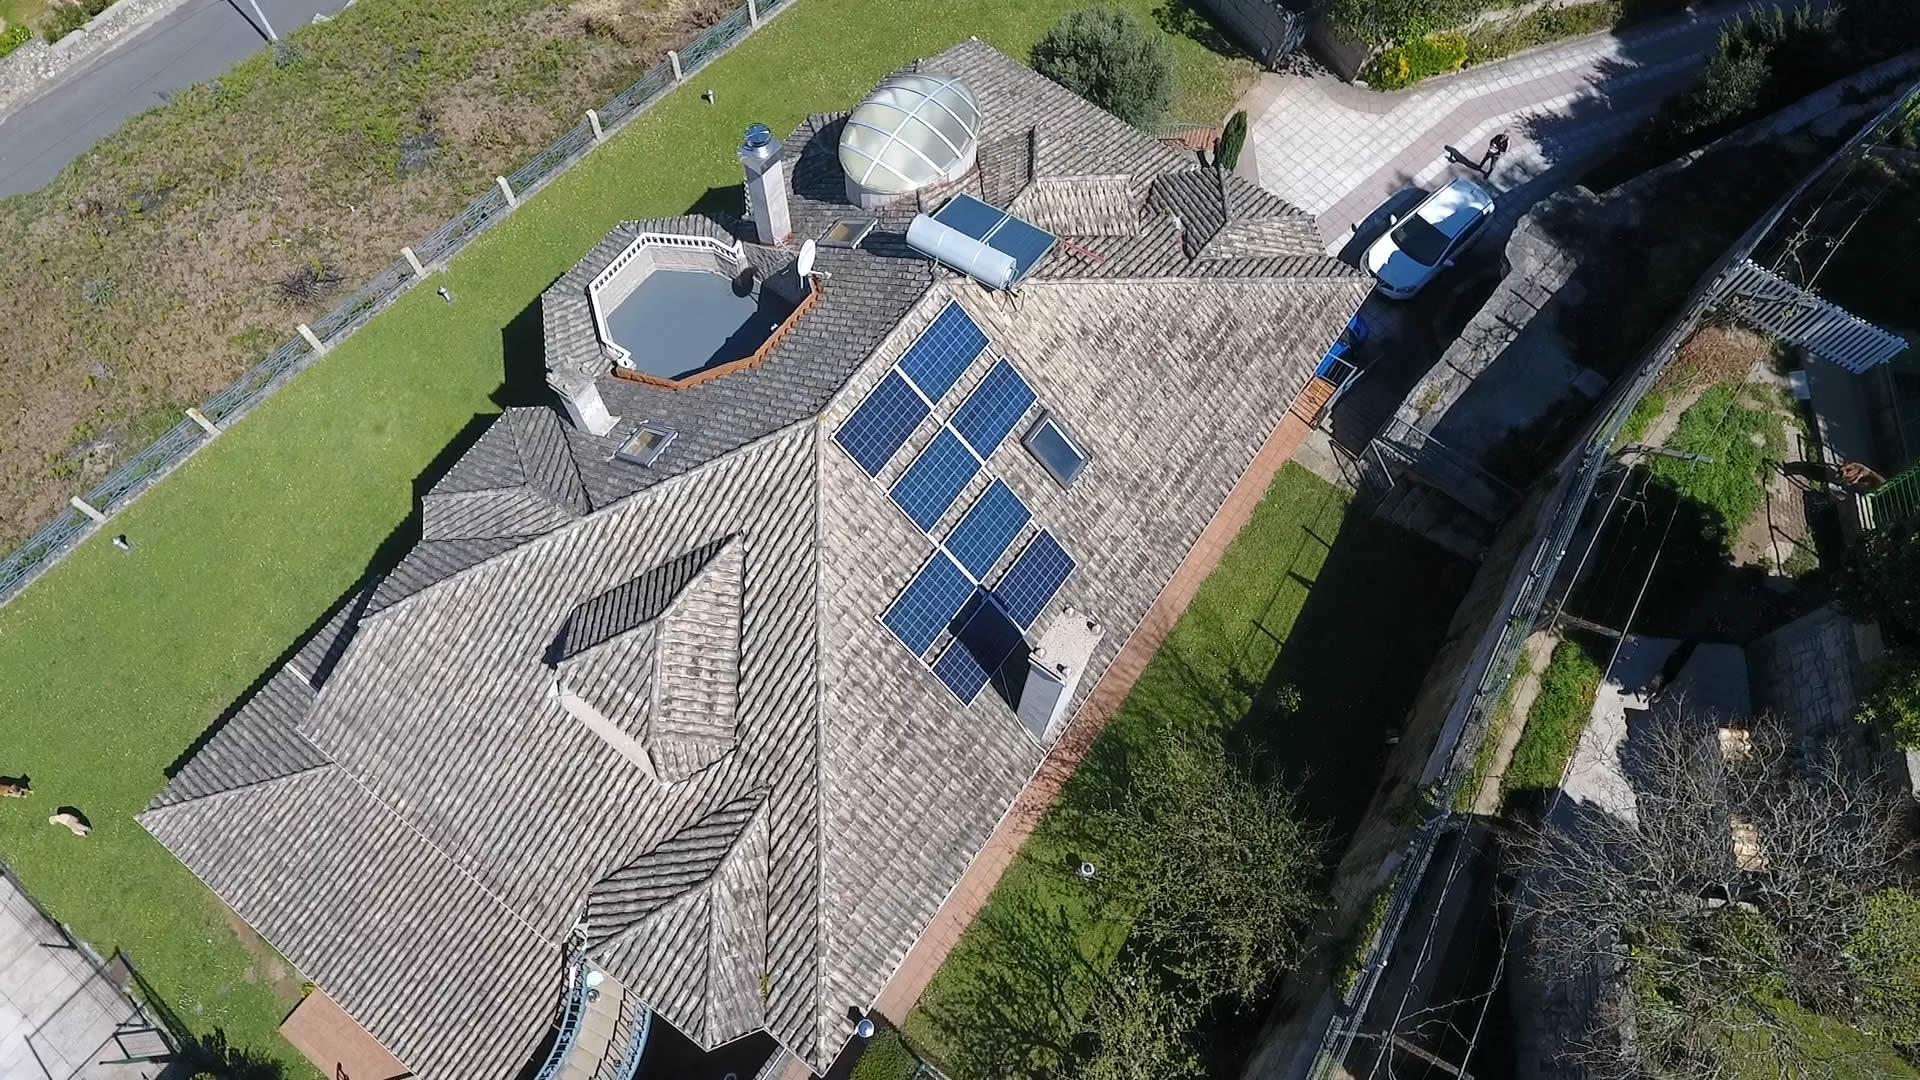 Instalación de energía solar fotovoltaica doméstica para autoconsumo